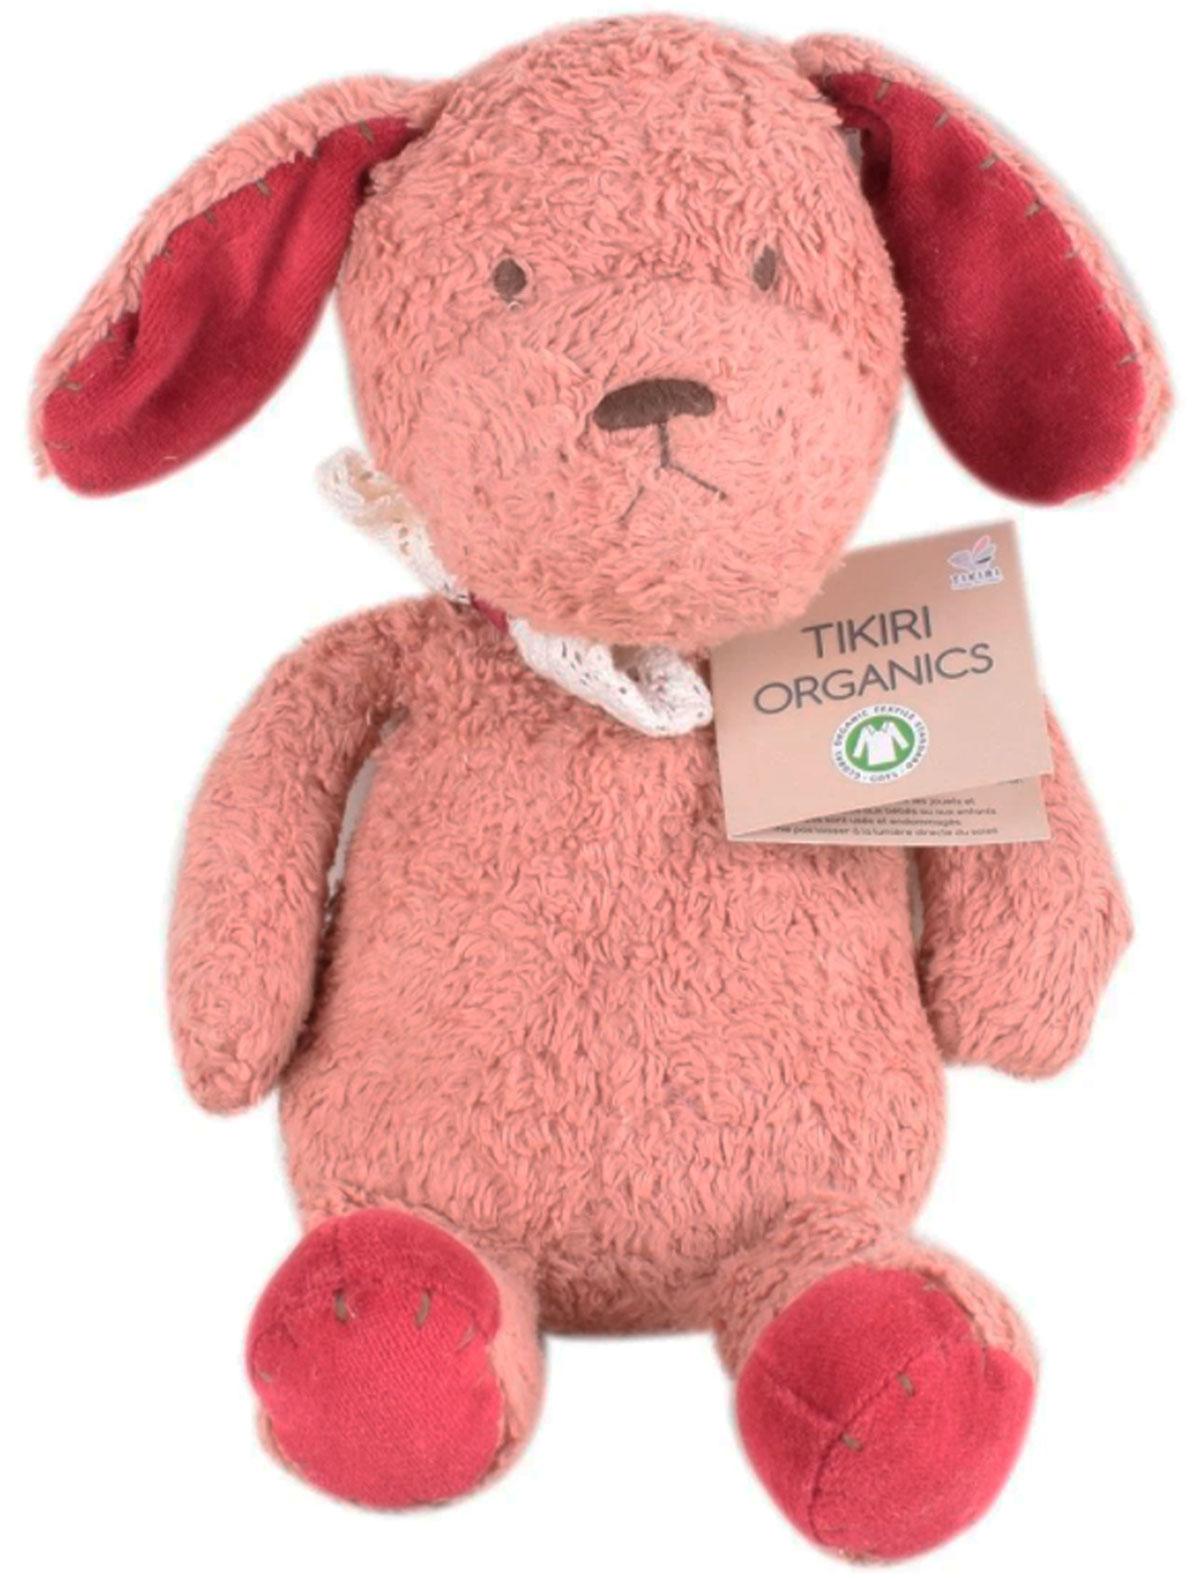 Купить 2261092, Игрушка мягкая Tikiri, розовый, 7124520080441